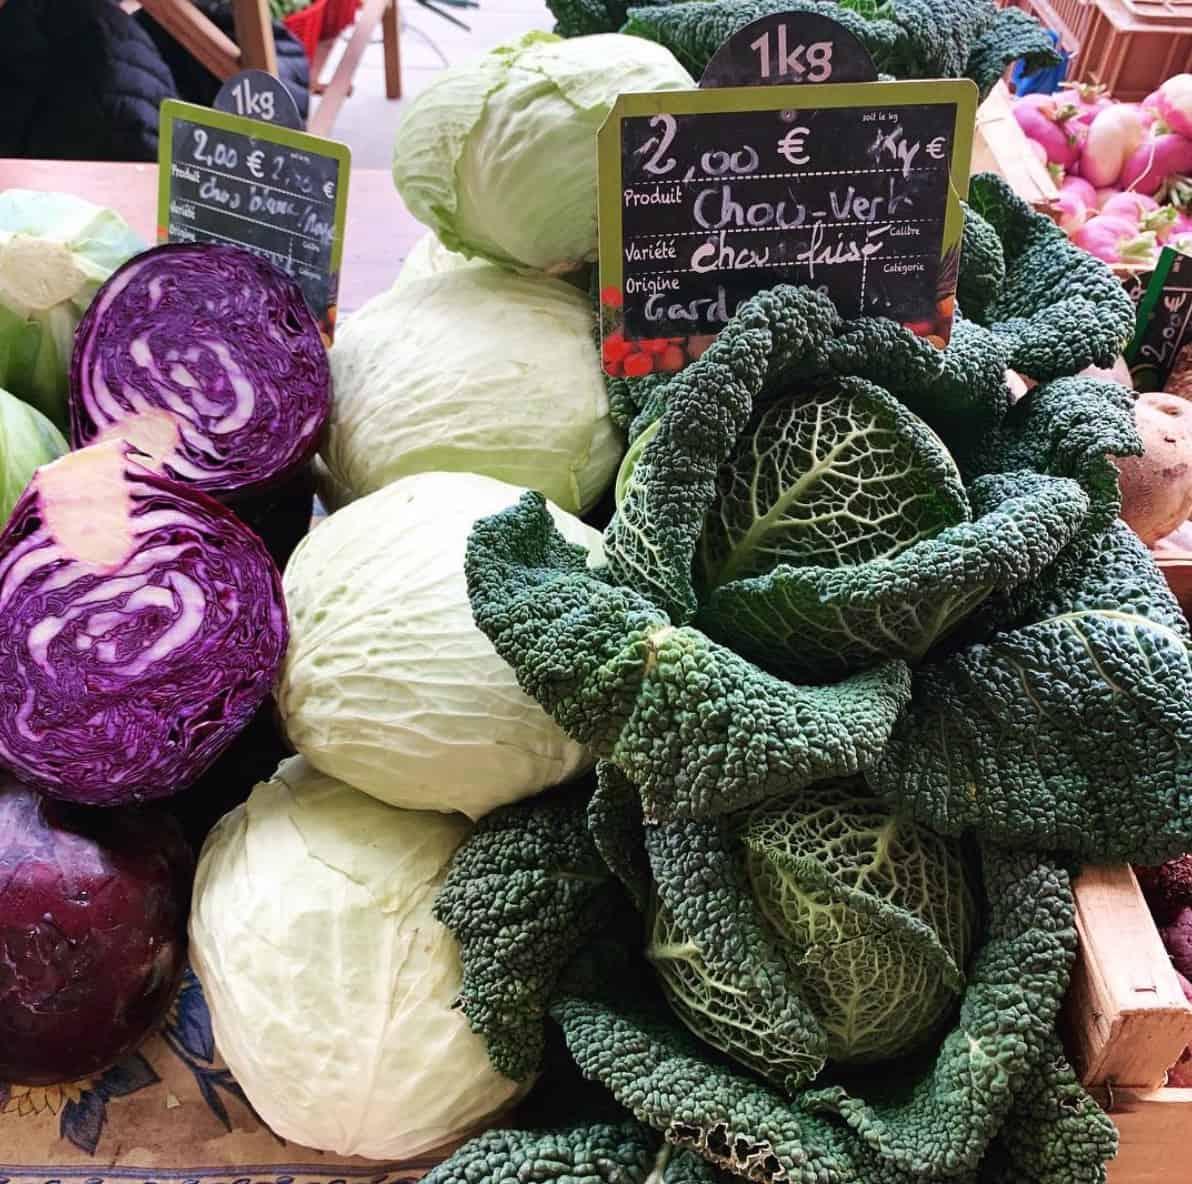 marchés, Découvrez les marchés de producteurs à Marseille, Made in Marseille, Made in Marseille